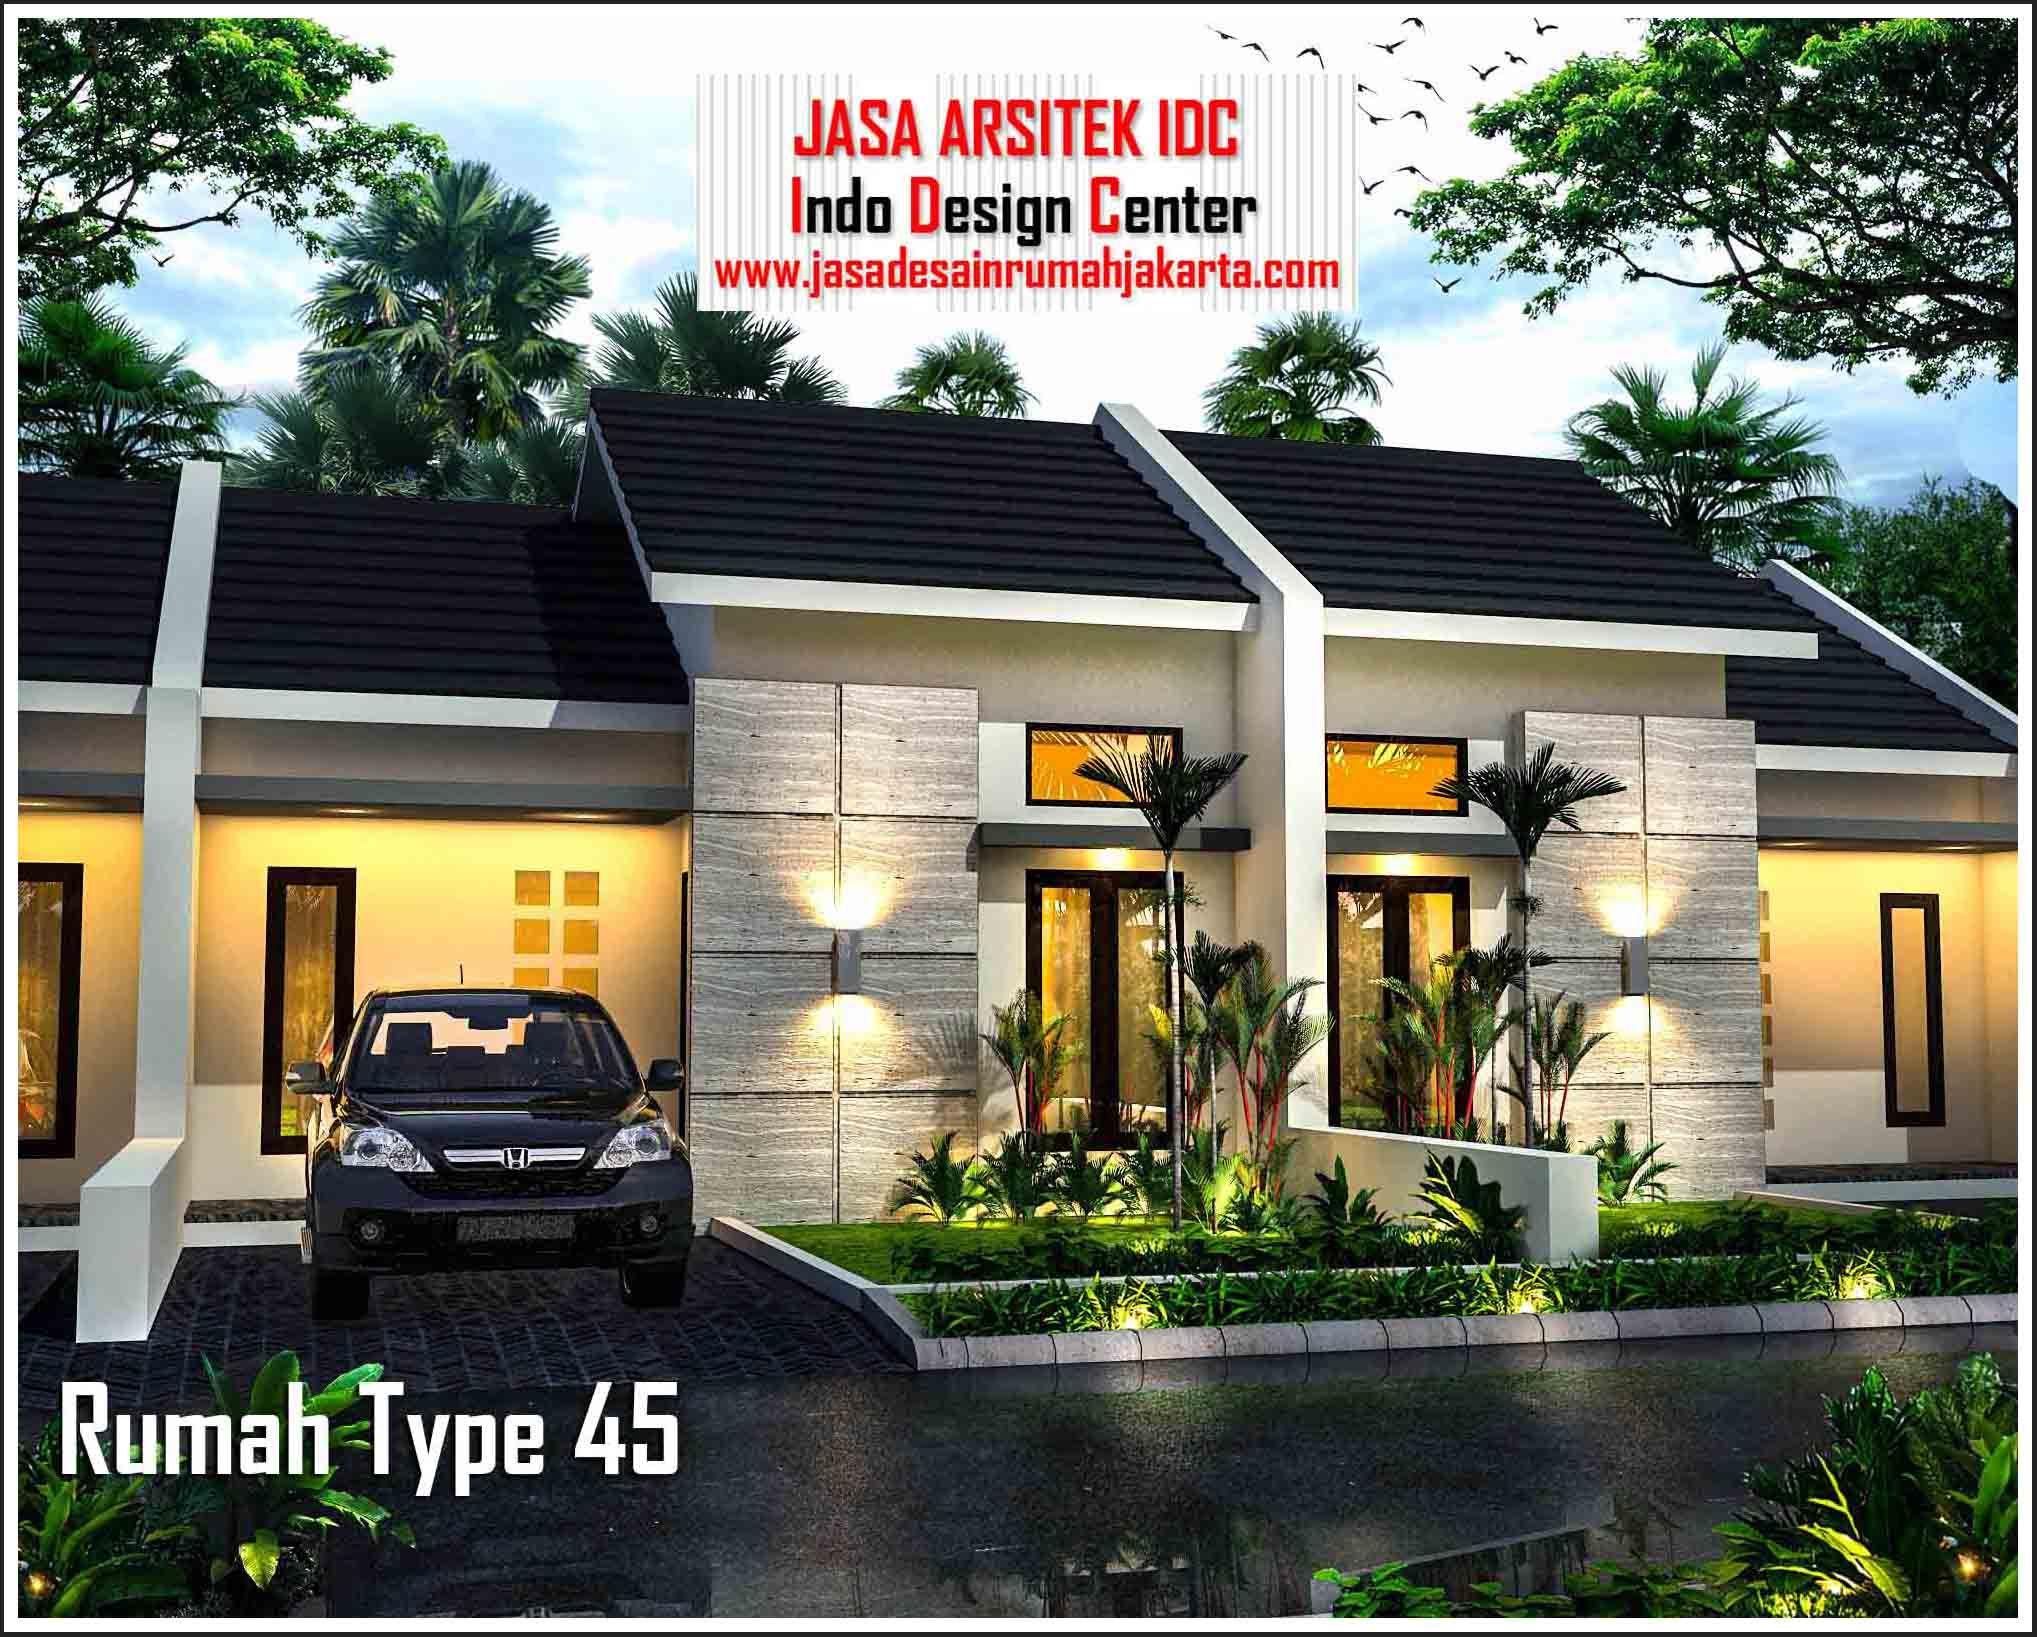 Desain 3D Rumah Type 45 Desain, Rumah, Arsitek